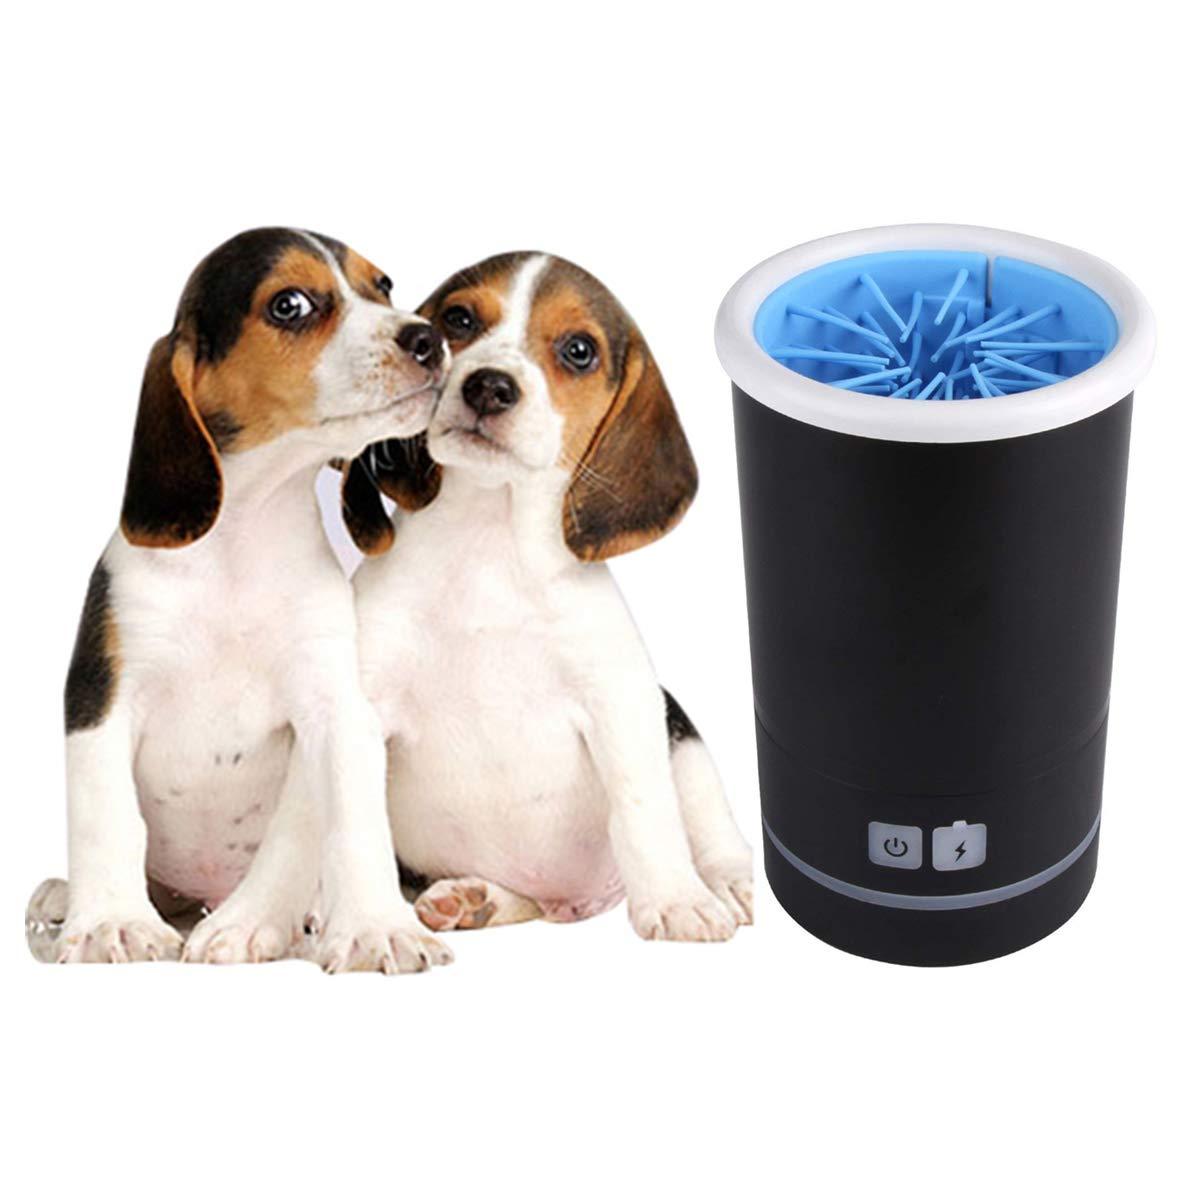 Amazon.com: Penck automático limpiador de la pata para perro ...